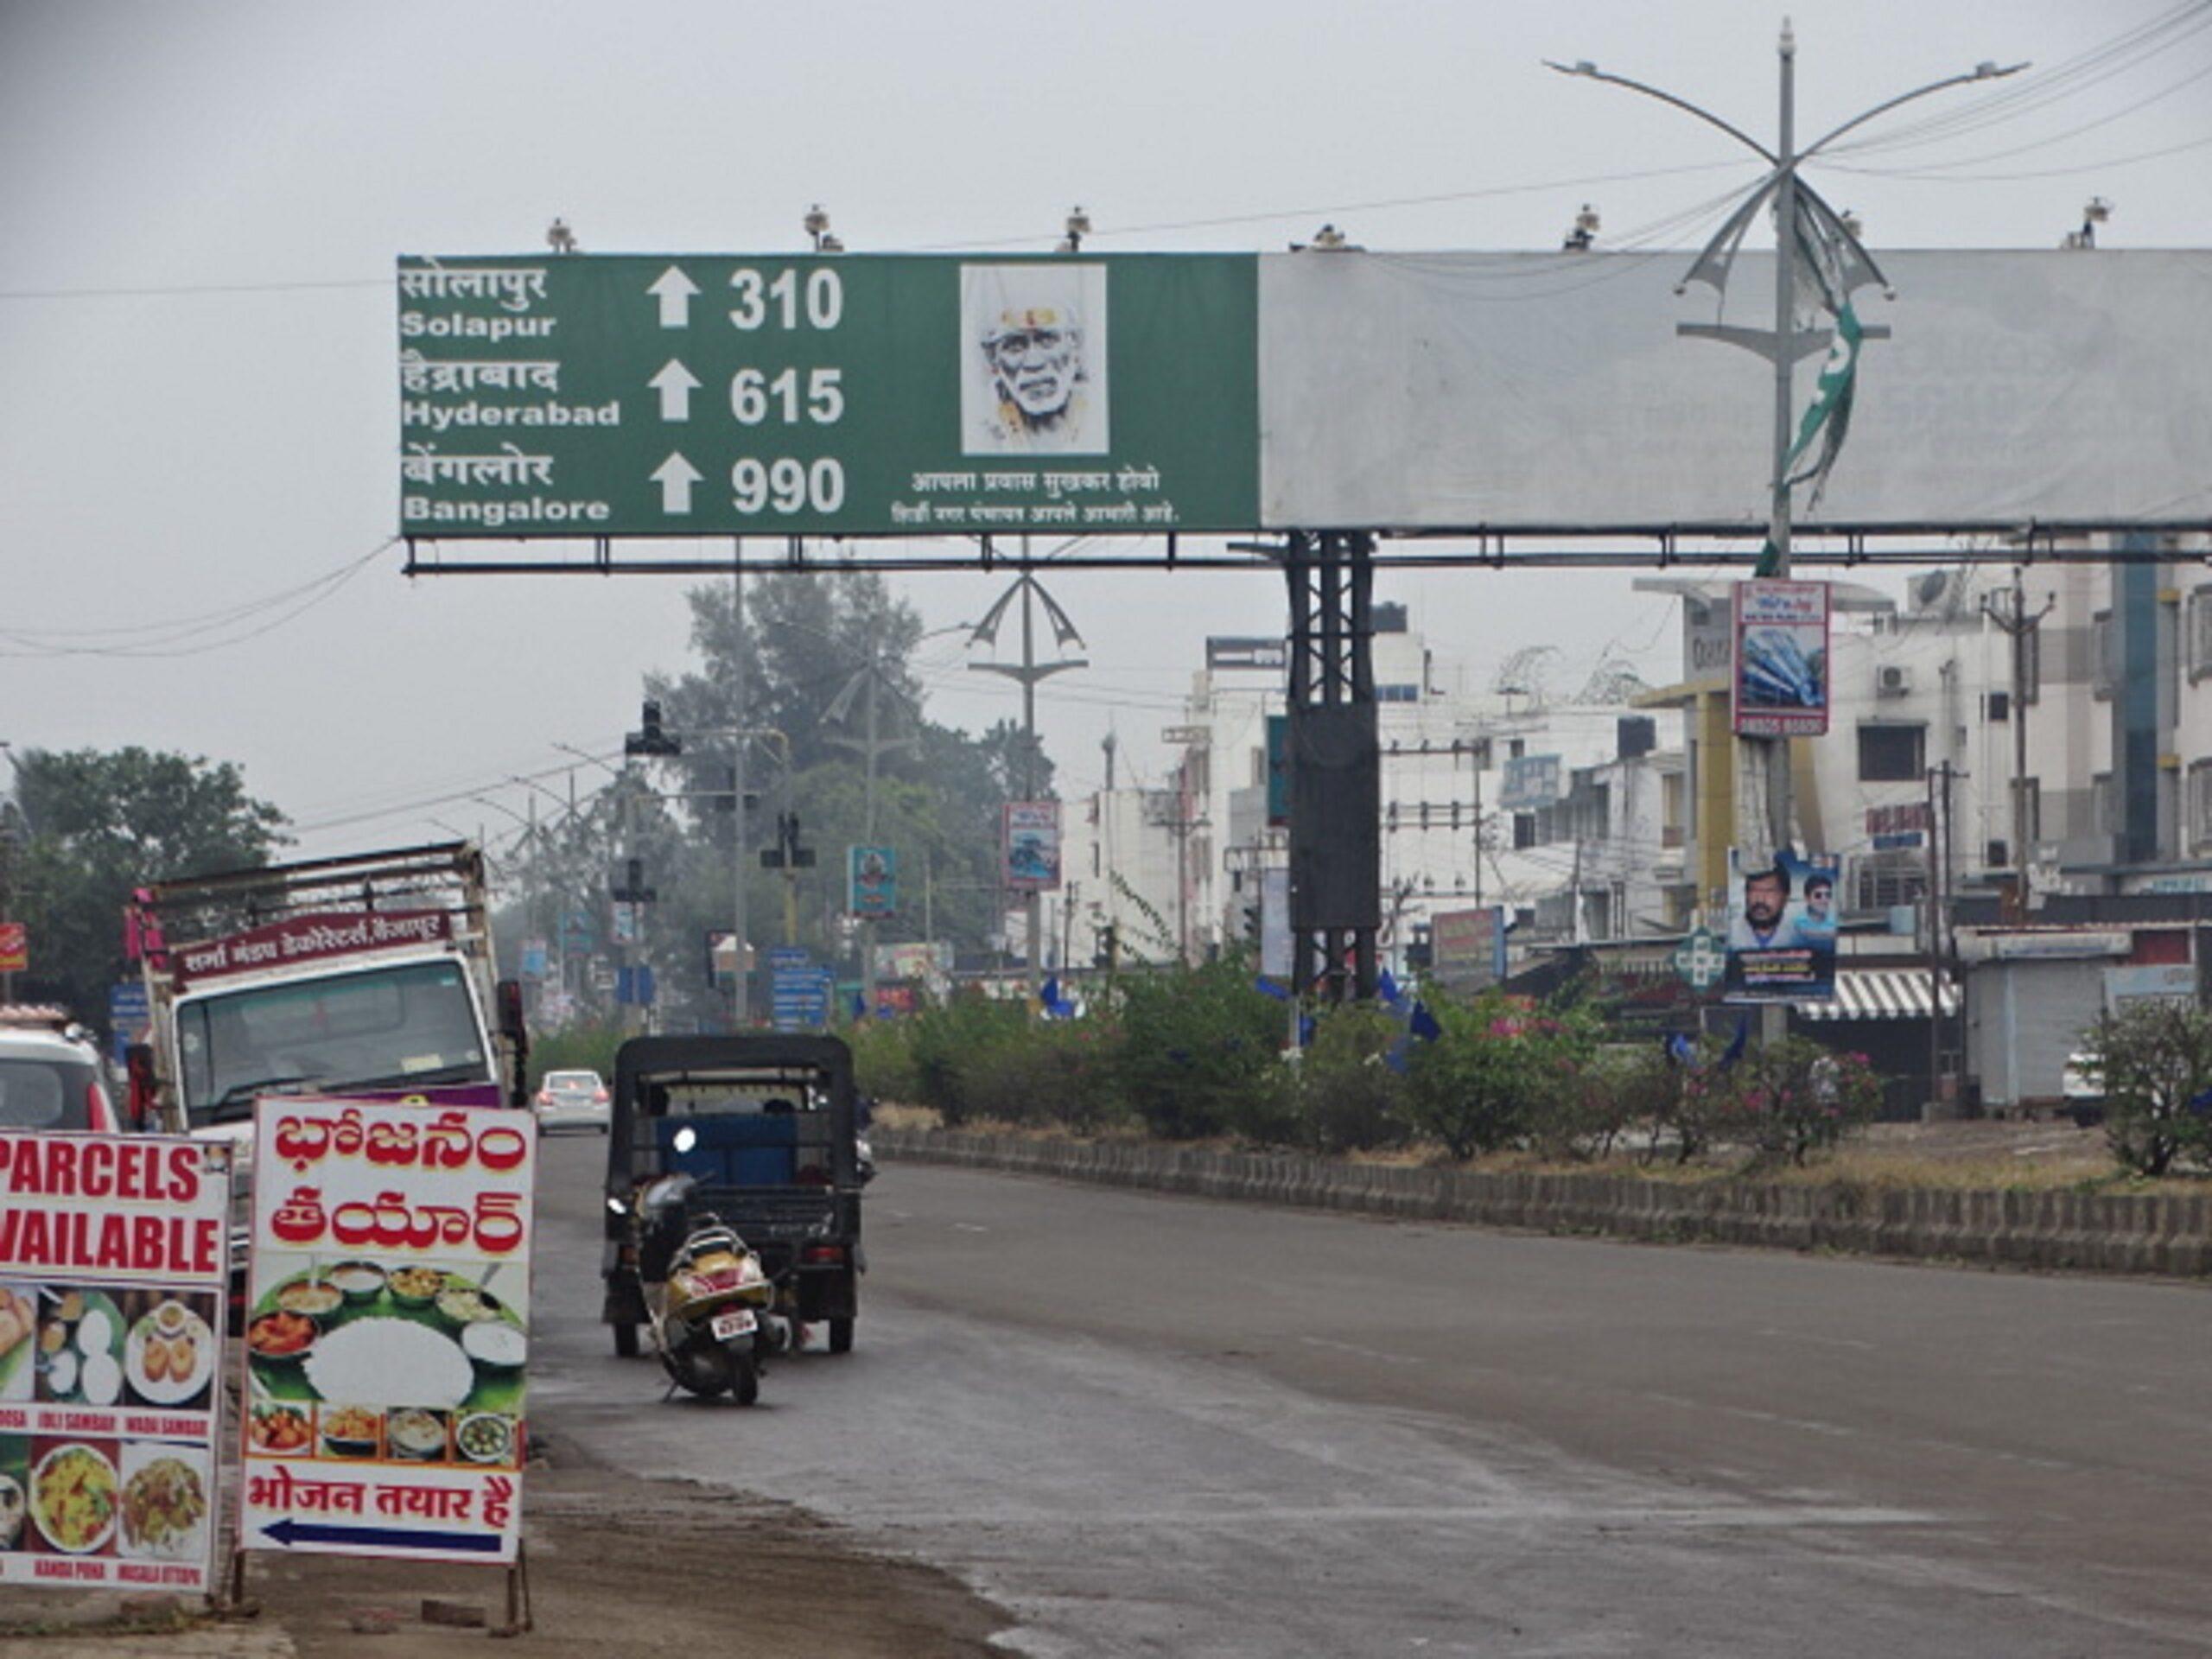 Shirdi (Maharashtra) to various Cities Distance